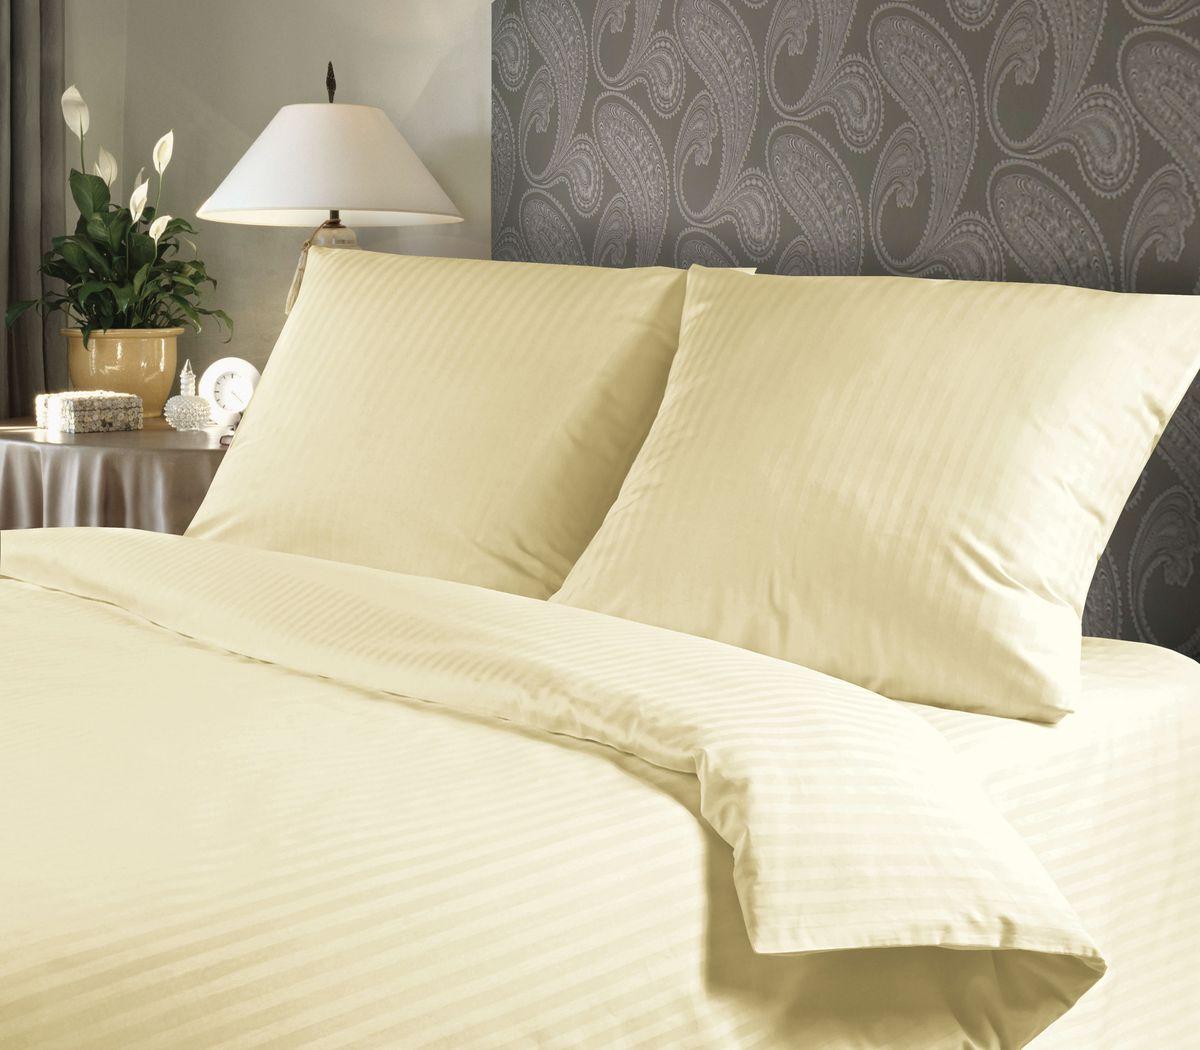 Комплект белья Verossa Amber, 1,5-спальный, наволочки 50х70711212Комплект постельного белья включает в себя четыре предмета: простыню, пододеяльник и две наволочки, выполненные из страйп-сатина.Страйп-сатин - одна из разновидностей жаккардового сатина. Это ткань, плетение которой представляет собой чередующиеся полосы, отсюда и название материала: в переводе с английского stripe и есть полоска. Размер пододеяльника: 148 x 215 см.Размер простыни: 180 x 215 см.Размер наволочек: 50 x 70 см.